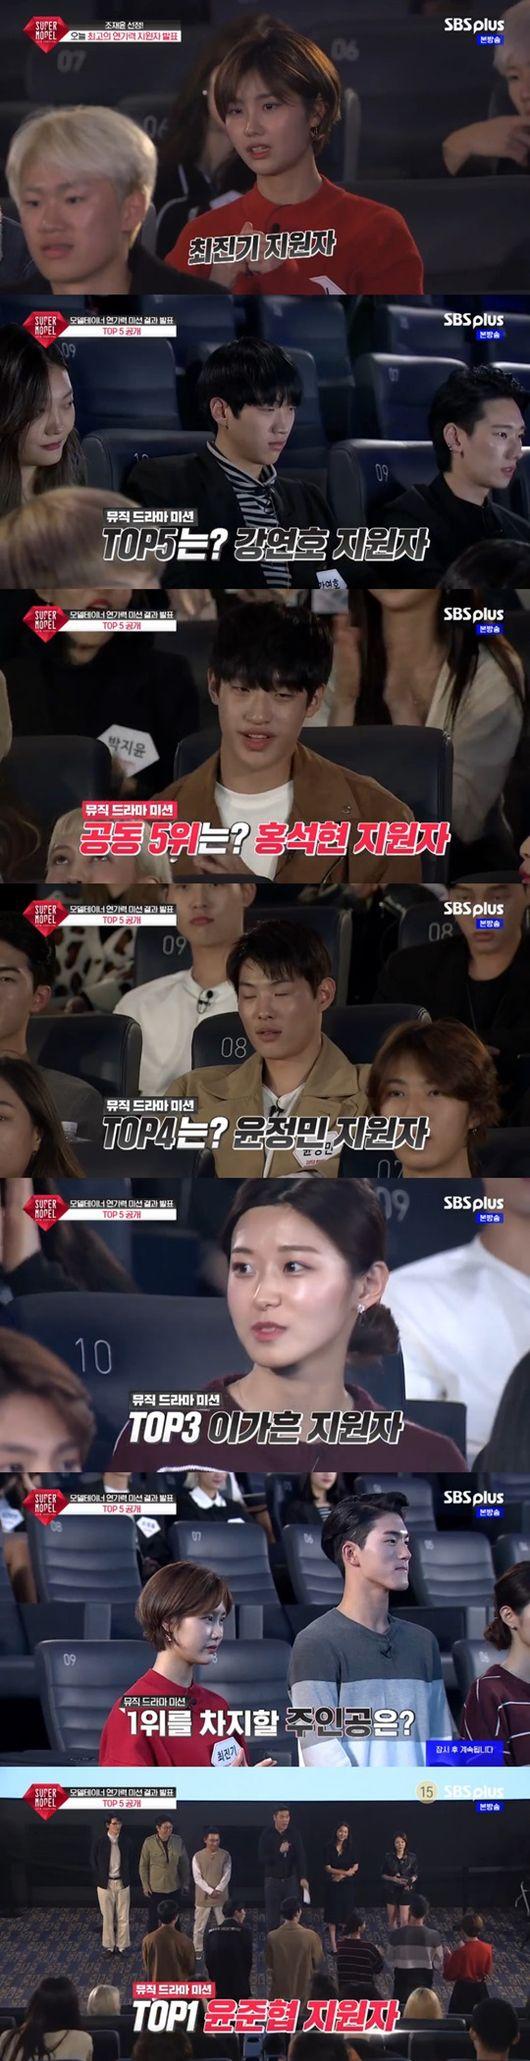 '슈퍼모델' 윤준협, 연기 미션 전체 1위+최진기 2위 '반전' [종합]